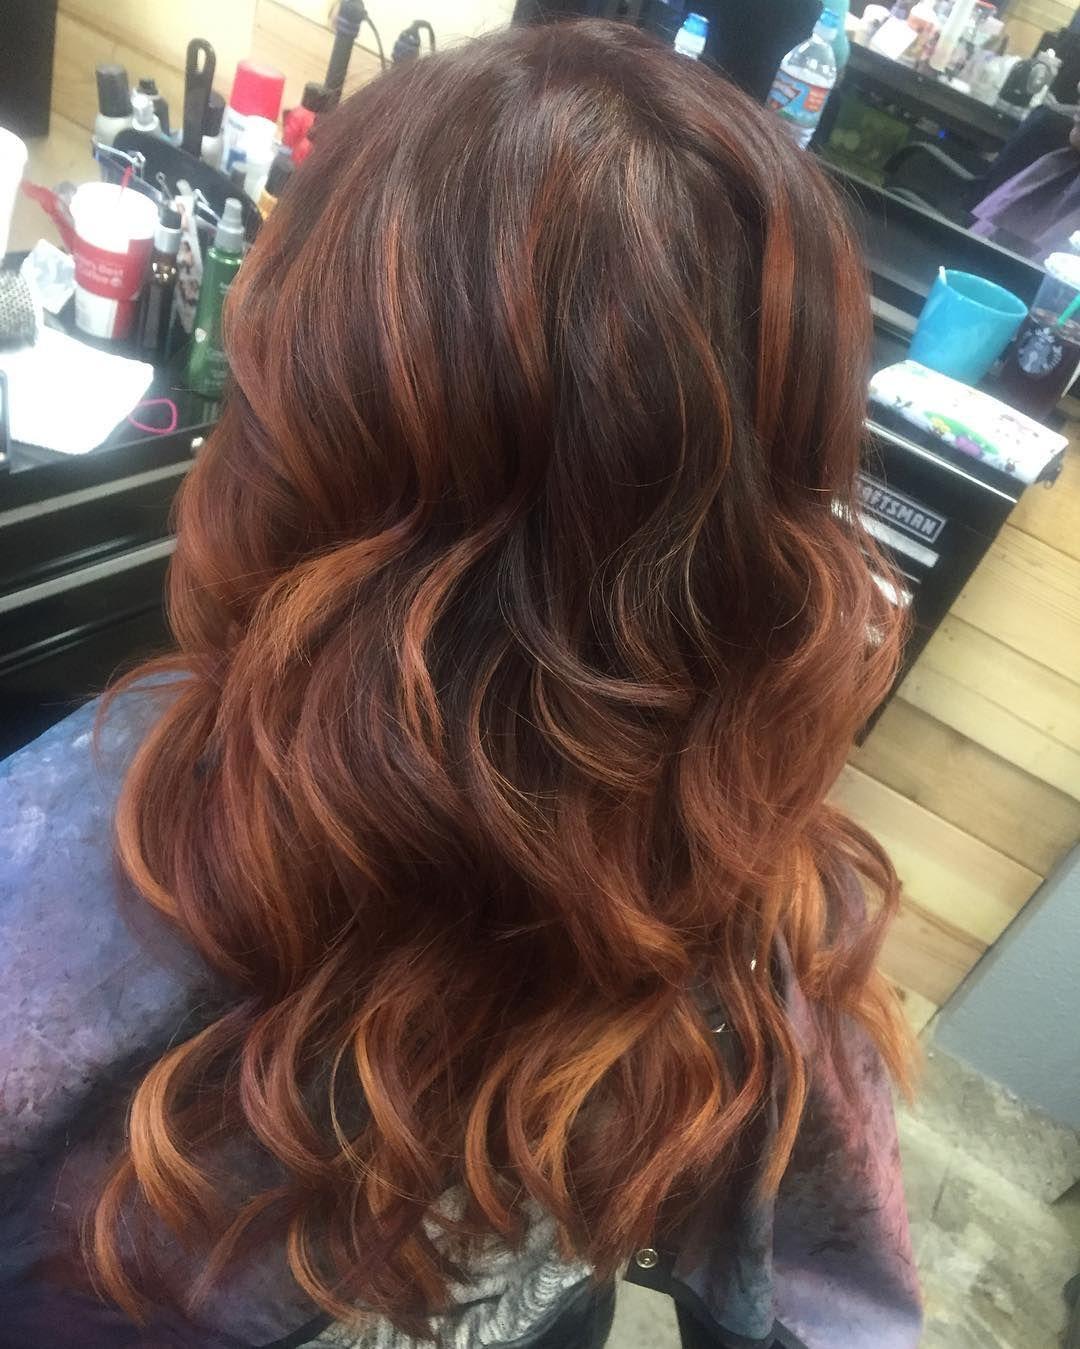 cool Огненный медный цвет волос (50 фото) — Краска, оттенки, сочетания Читай больше http://avrorra.com/mednyj-cvet-volos/